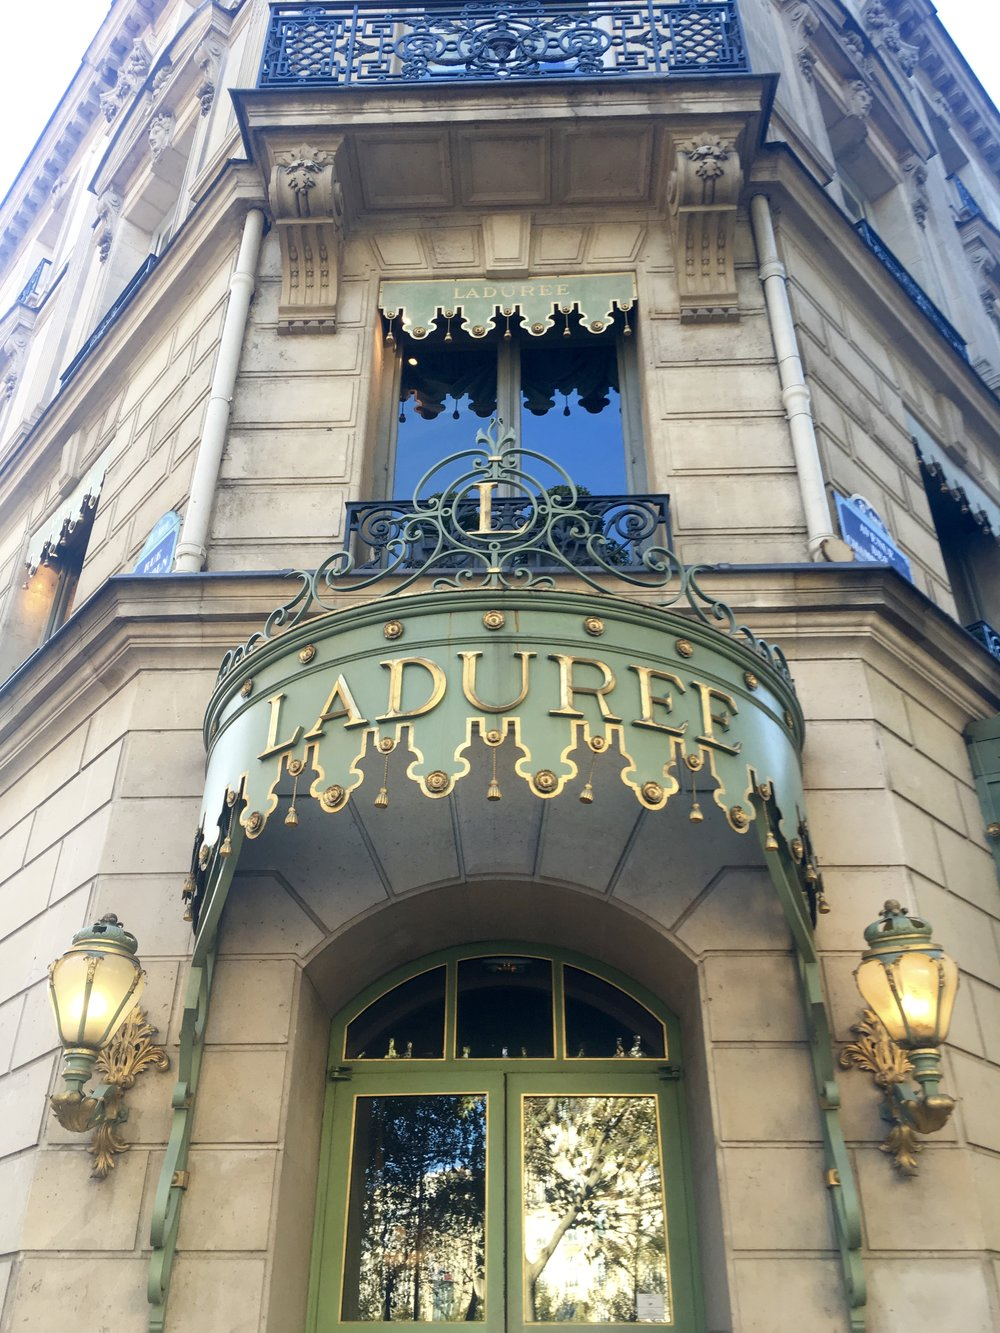 Laudree on the Champs-Elysées in Paris - Samantha McNeil Blog